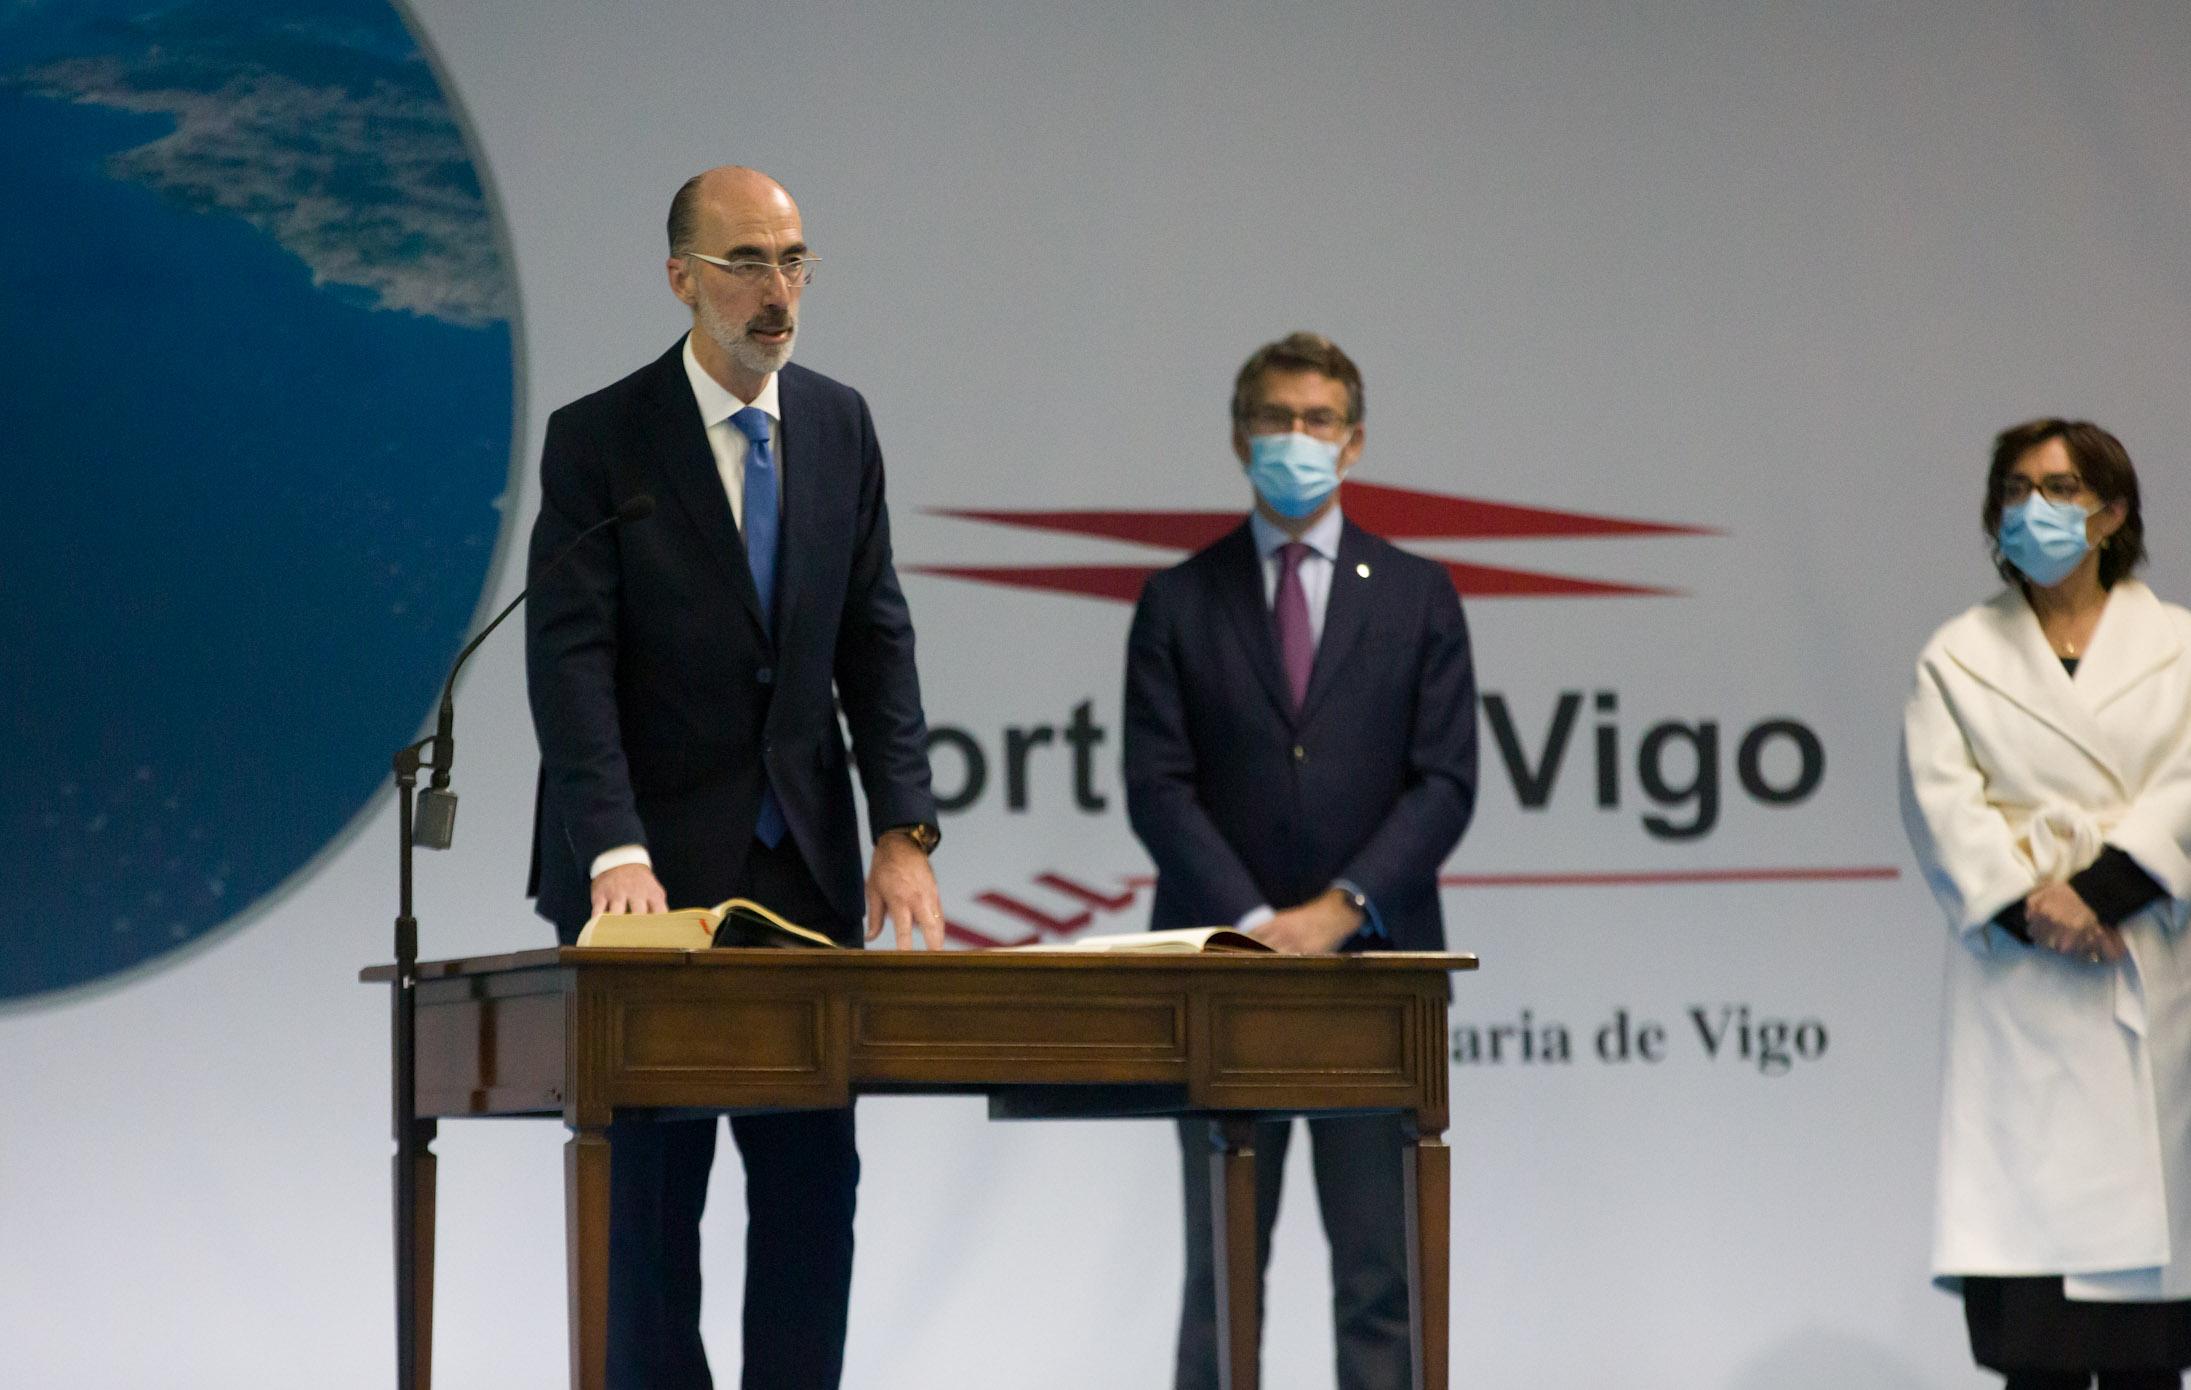 O presidente da Xunta asistiu hoxe á toma de posesión do novo presidente da Autoridade Portuaria de Vigo